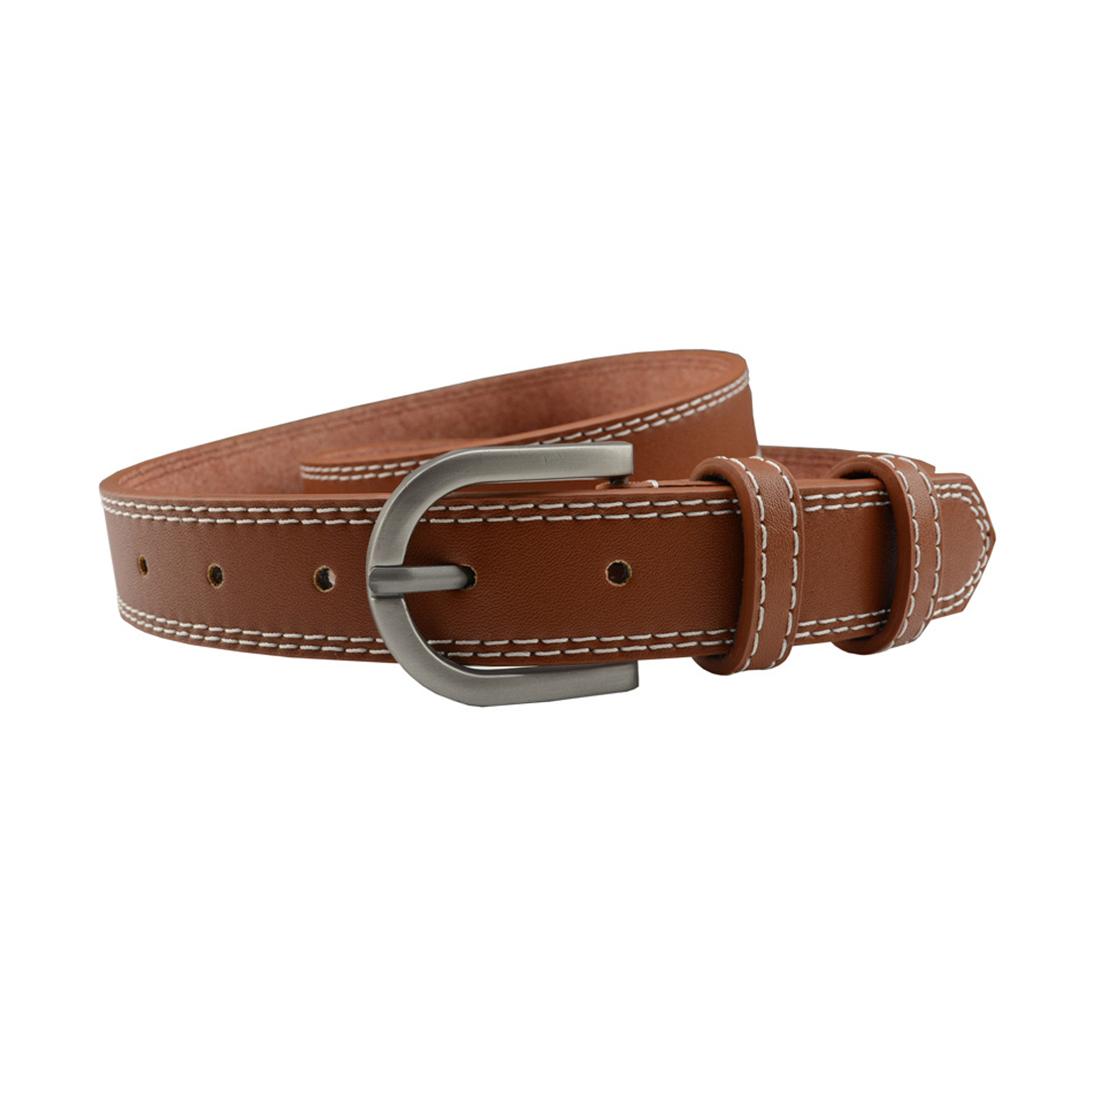 """Unisex Double Stitched Imitation Leather Single Pin Buckle Belt 1 1/8"""" Camel"""